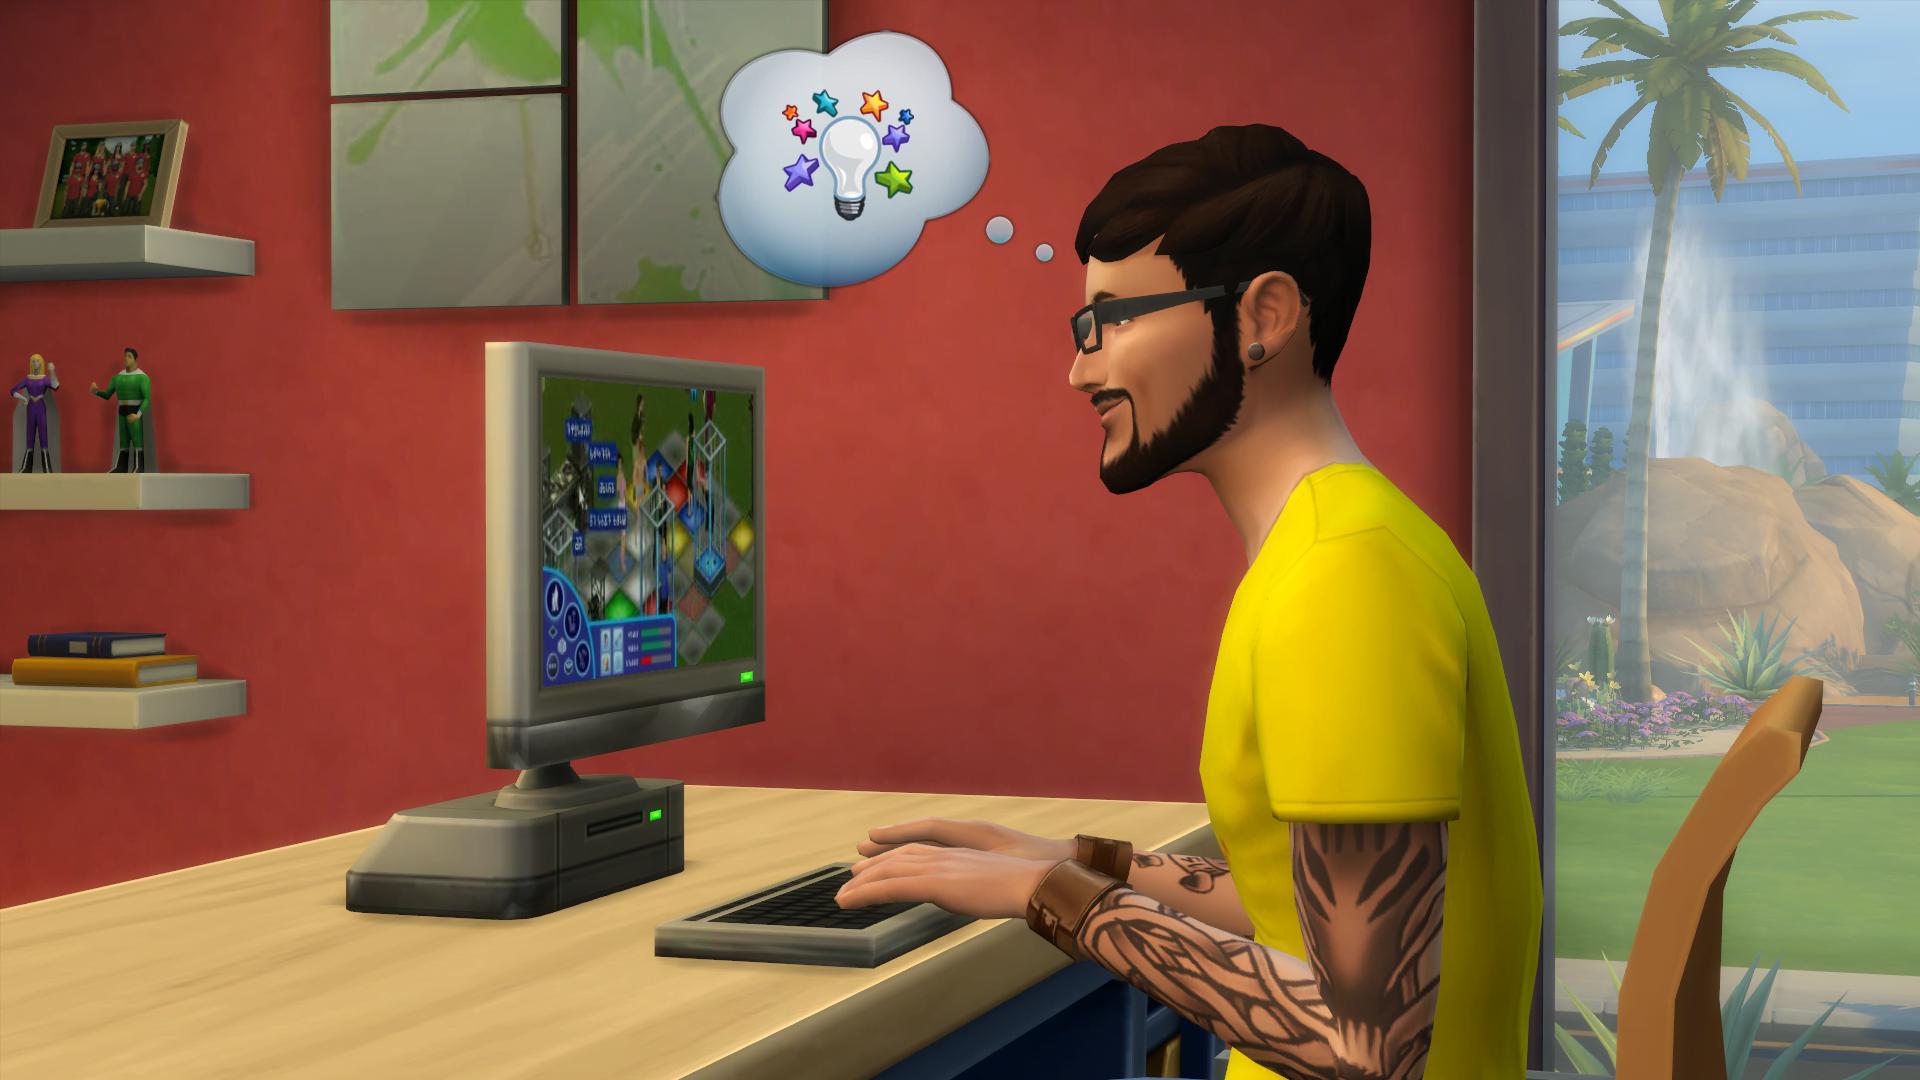 Ludzie lubią sobie pogrywać z życiem - w The Sims 4 gra coraz więcej osób 17